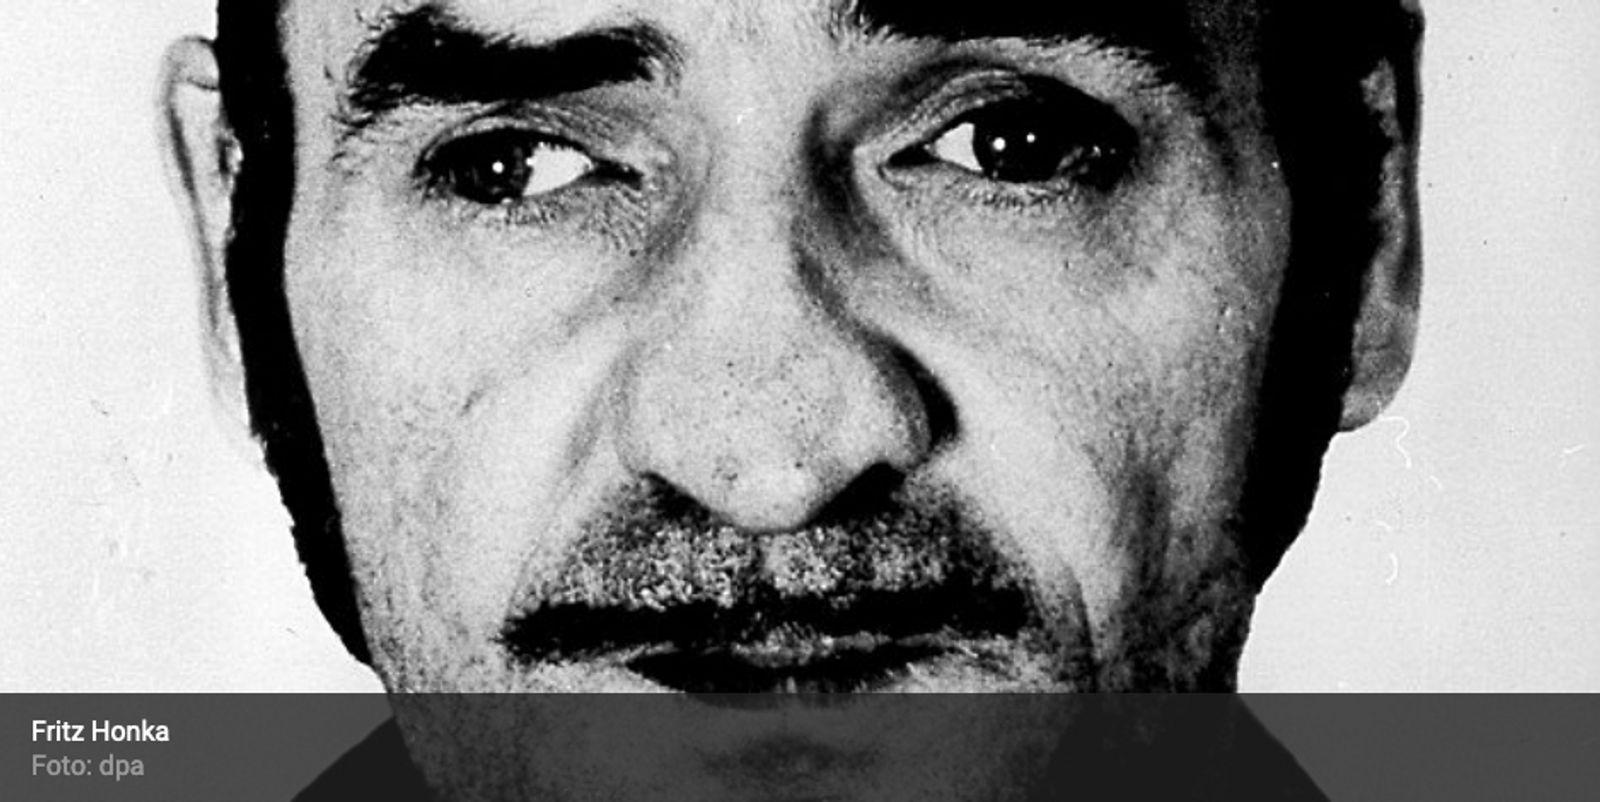 Fritz Honka Der Killer von St. Pauli   Männersache